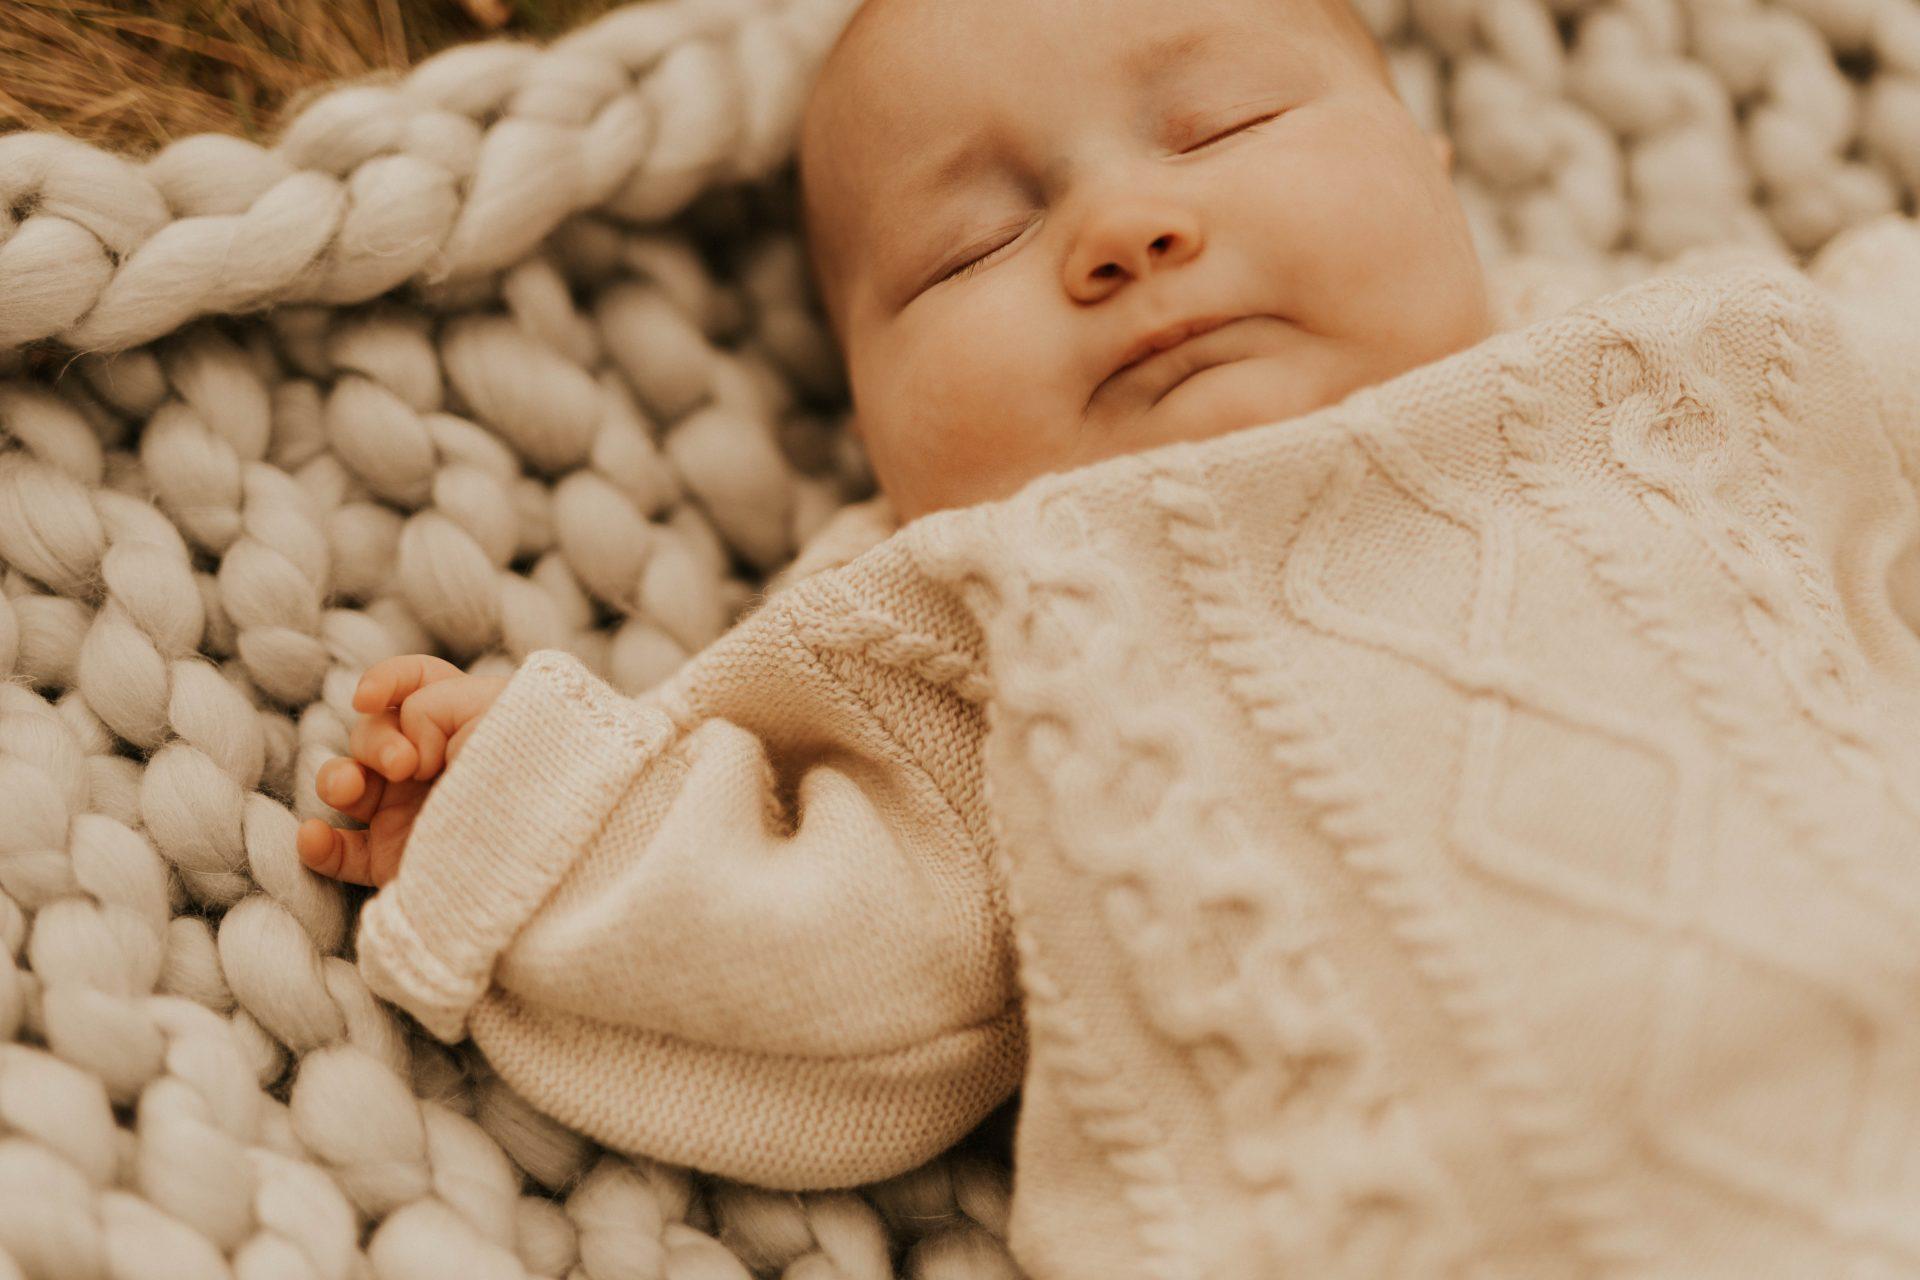 newborn photoshoot toronto